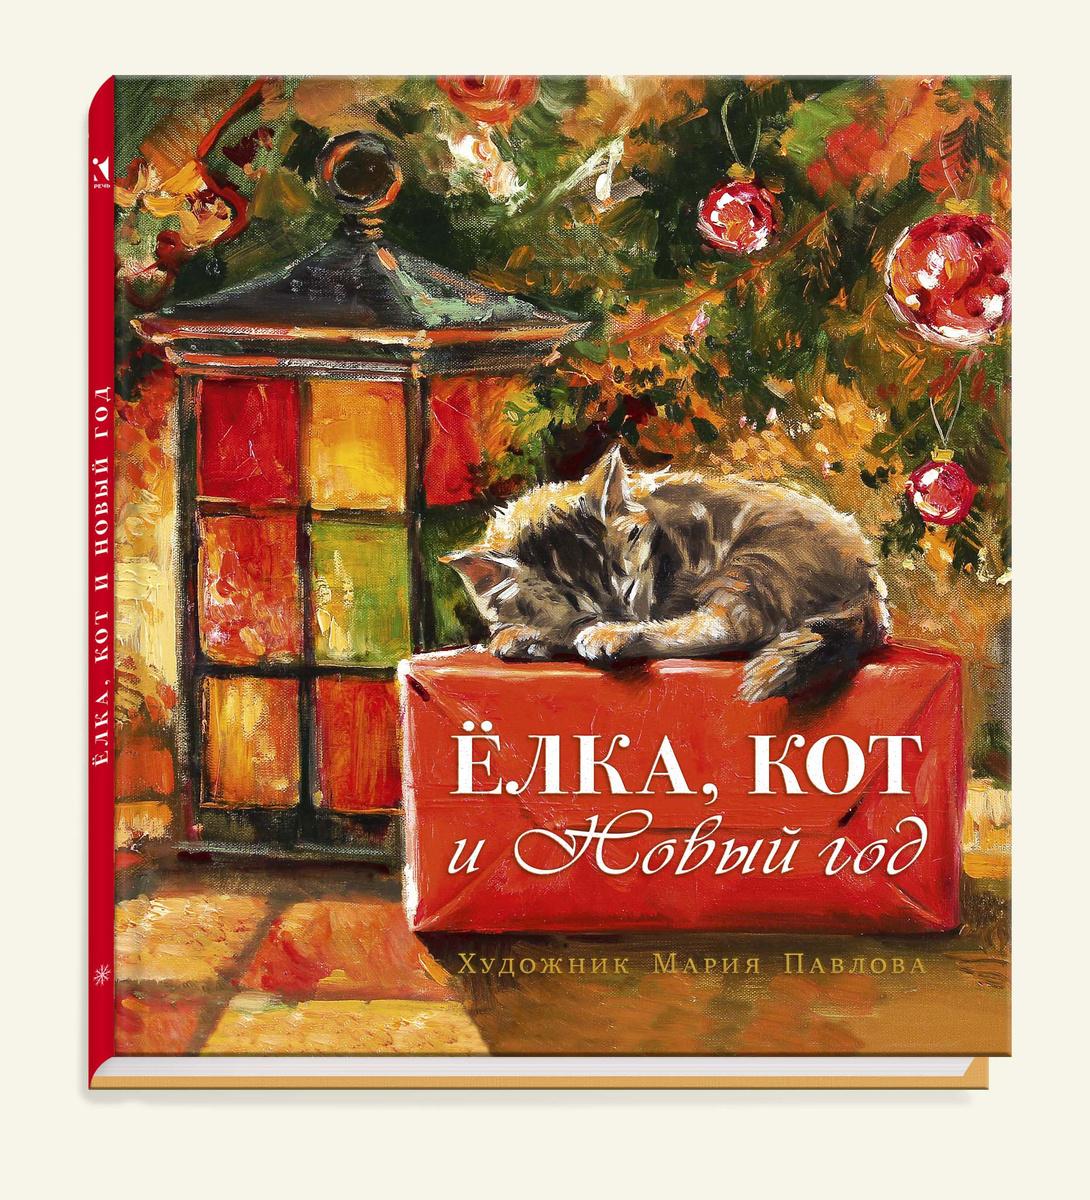 Елка, кот и Новый год #1